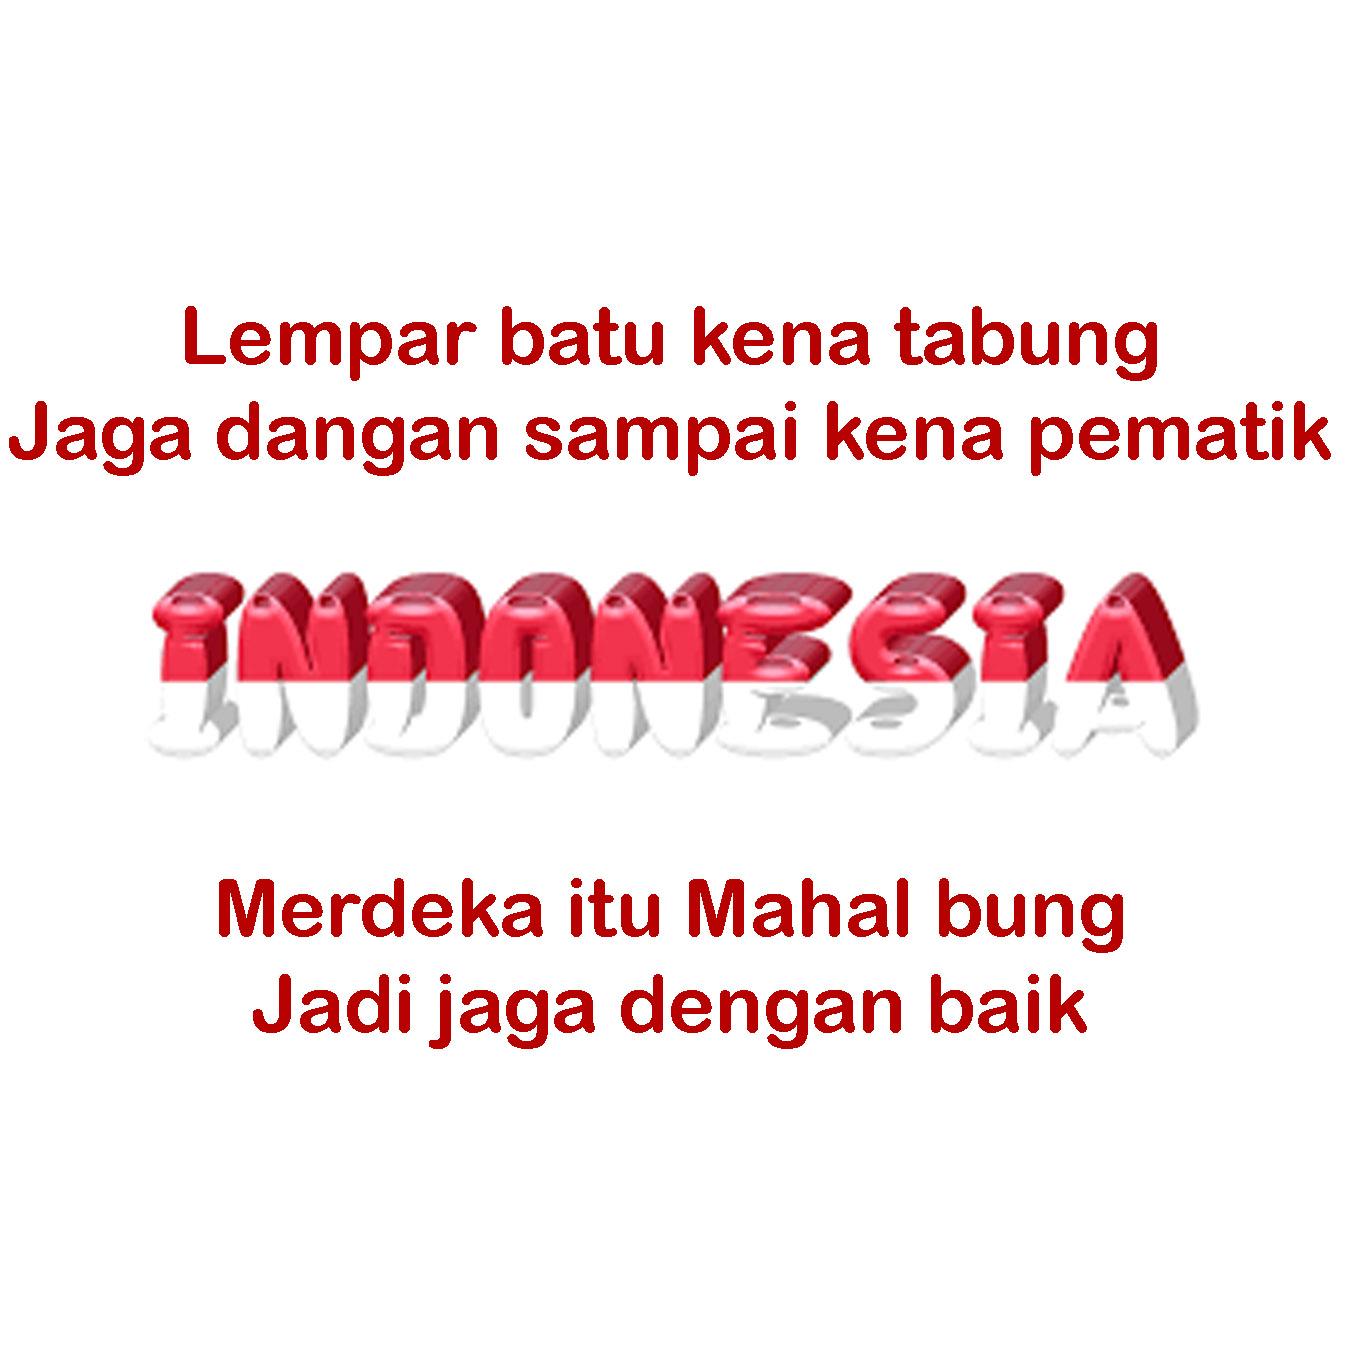 Pantun Buat Hari Kemerdekaan Indonesia Braderva Doceinfo